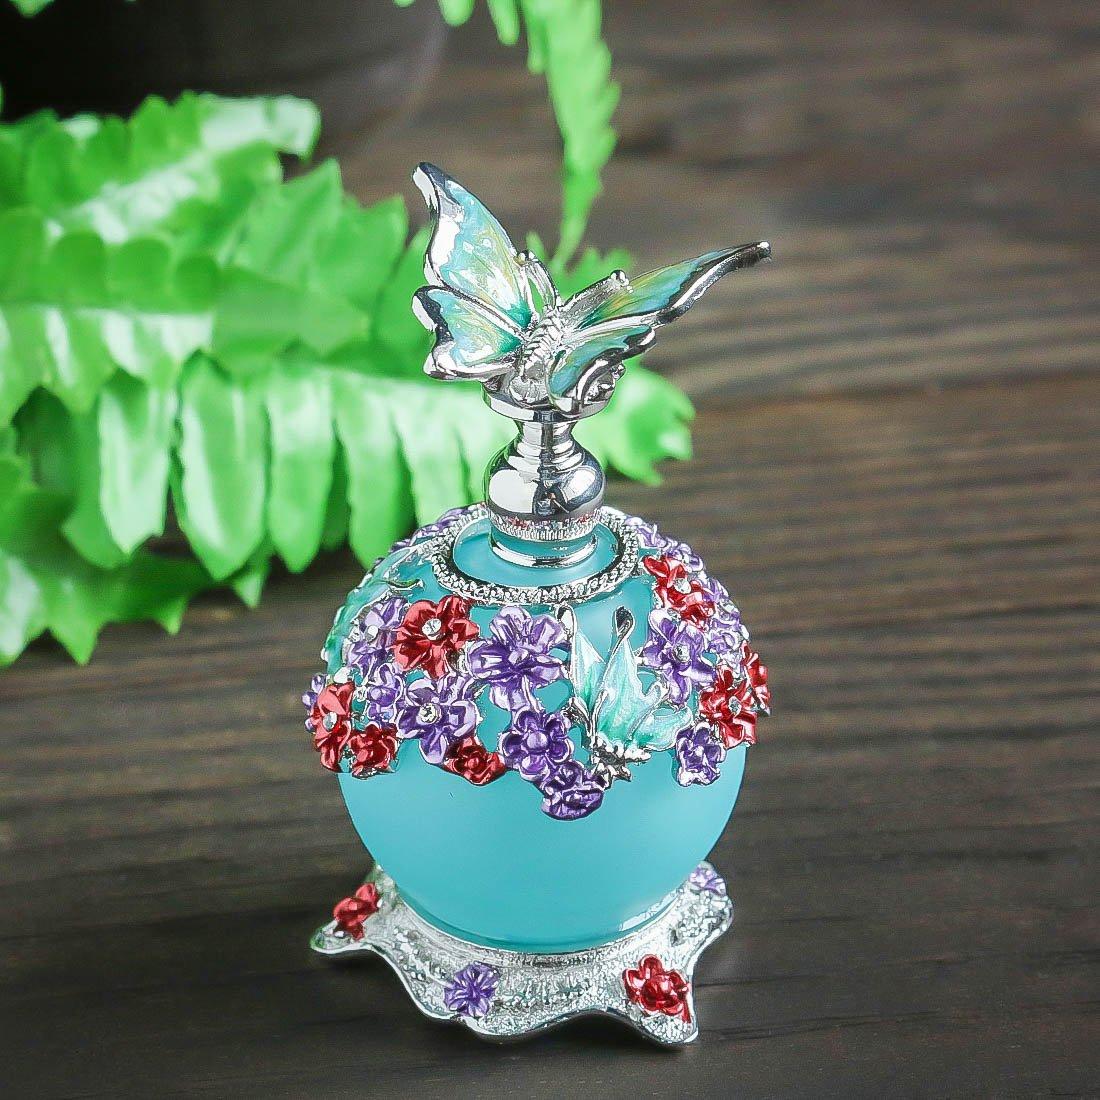 H&D - Botella de perfume de mariposa, cristal retro esmerilado rellenable botella de perfume vacía con cuerpo de botella azul 23 ml: Amazon.es: Belleza